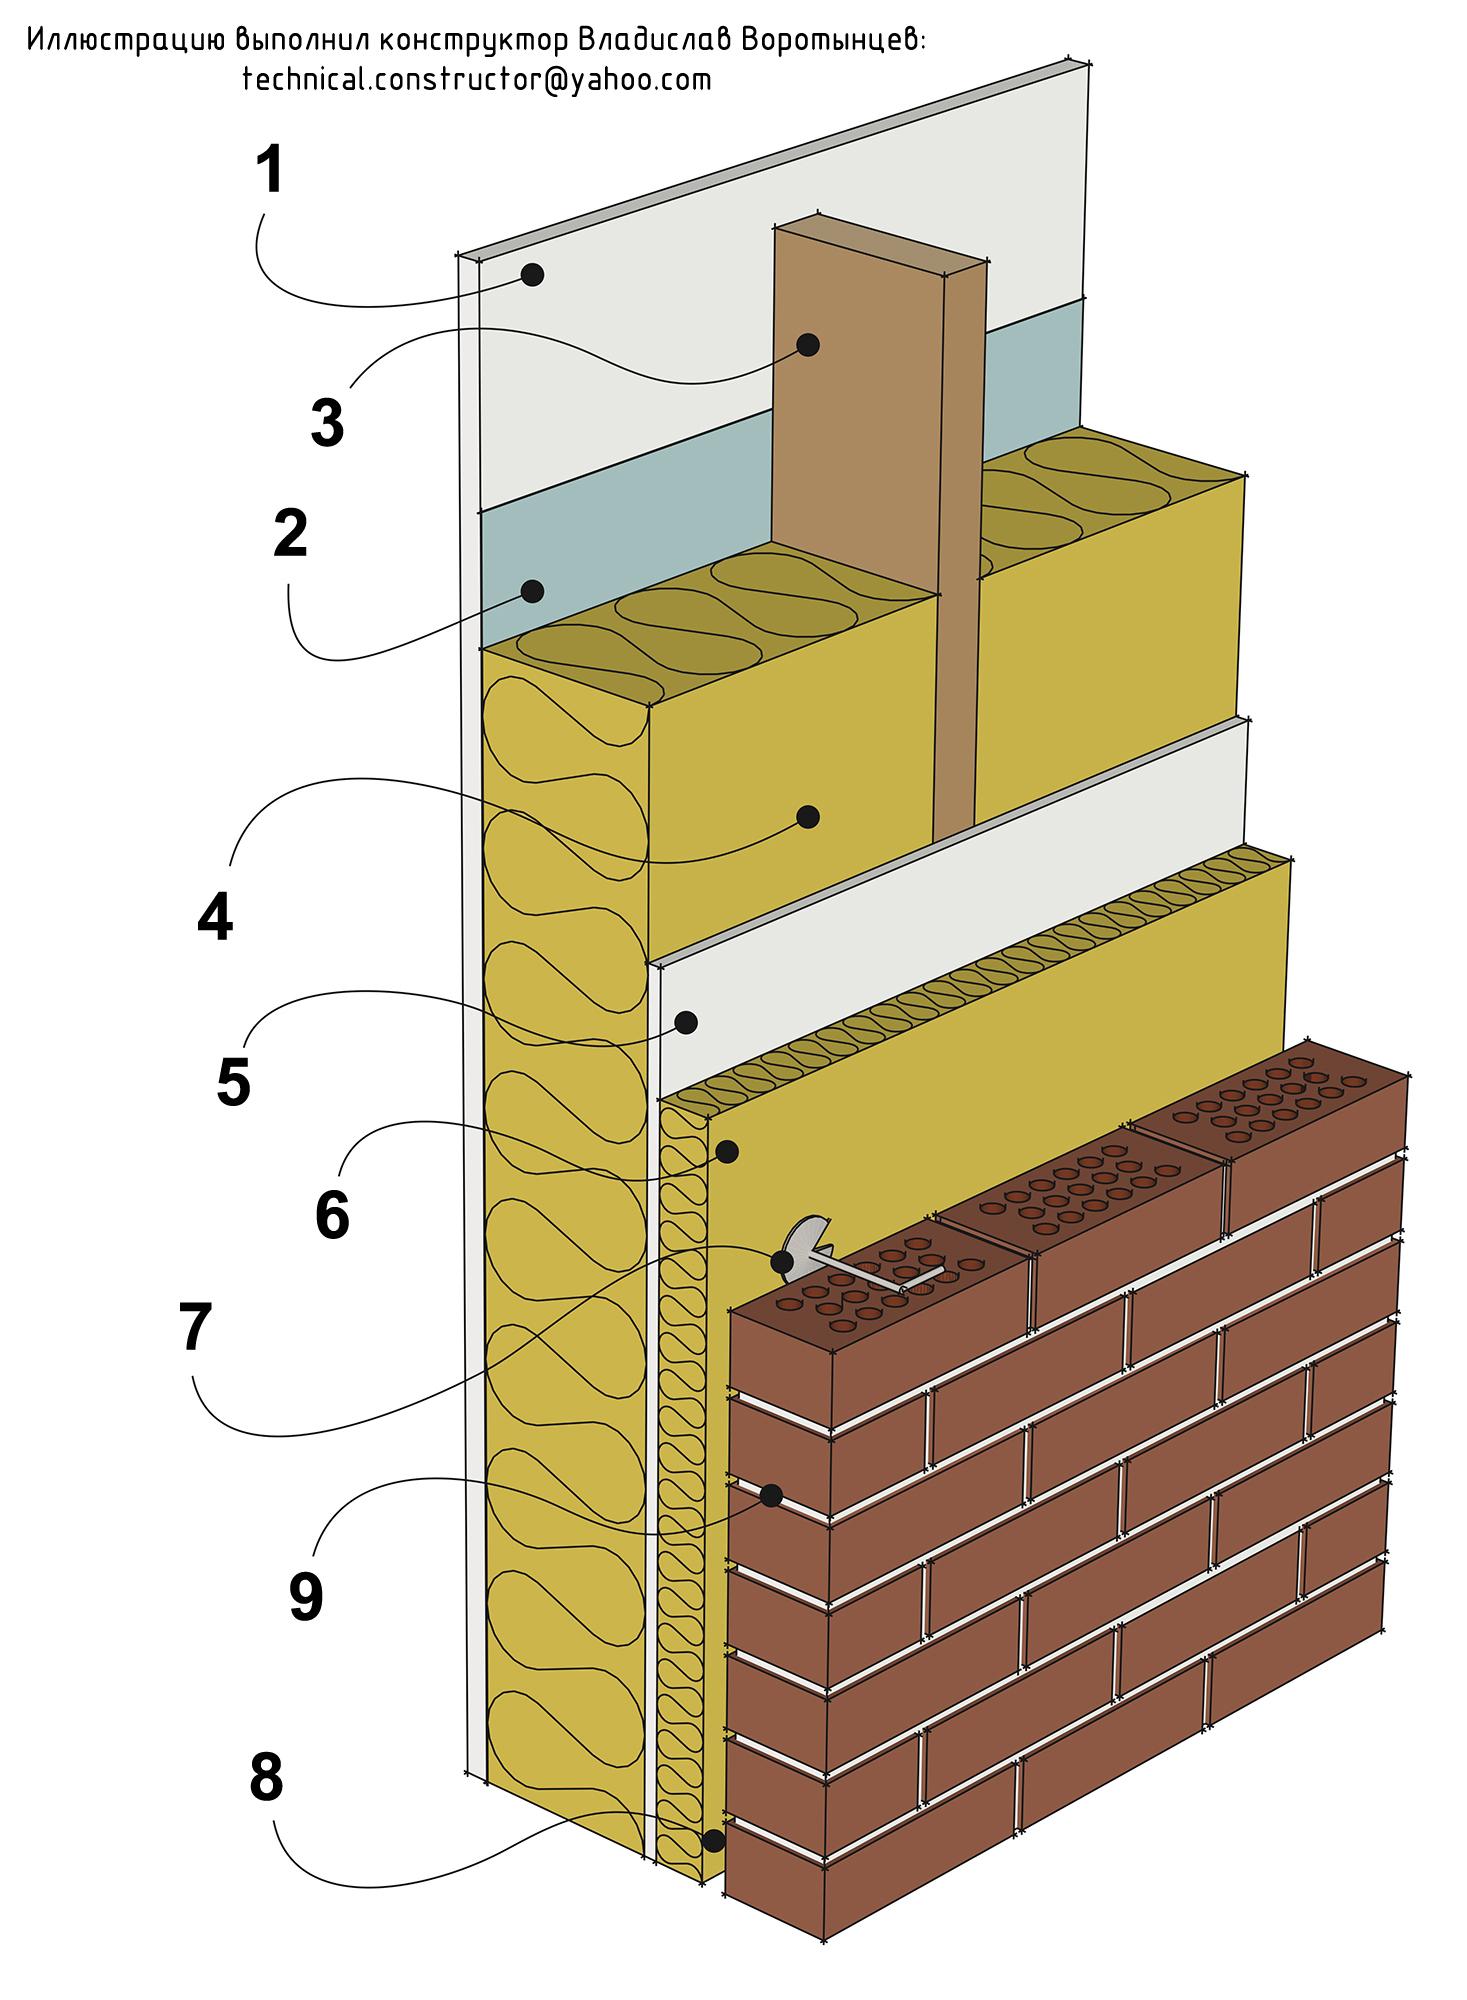 Рис 9.2 Тяжёлая наружная стена из деревянного каркаса с кирпичной наружной облицовкой. Конструкция скандинавских каркасных стен